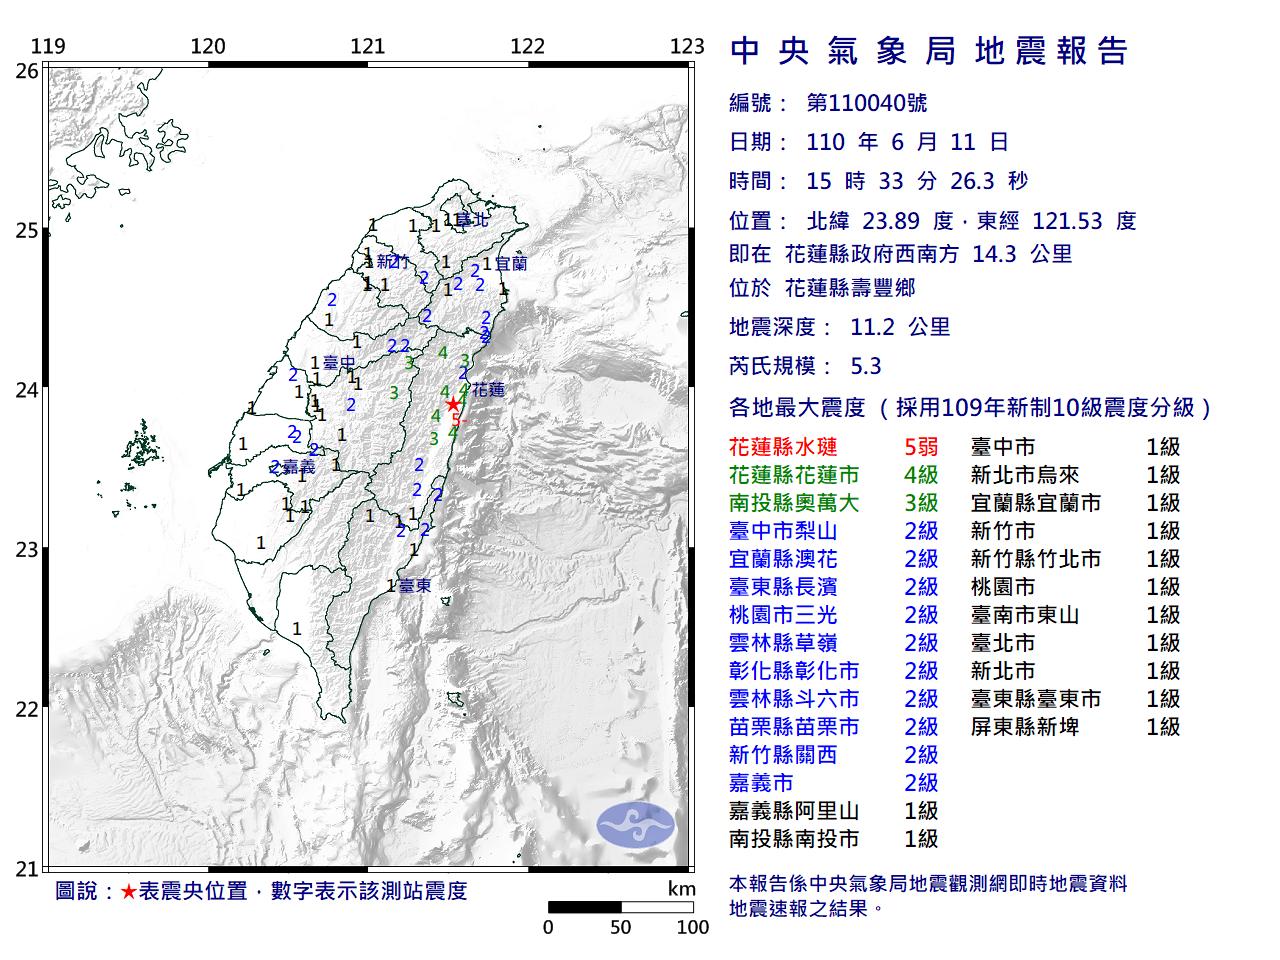 花蓮壽豐4小時9起淺震 最大規模5.3 估未來兩周仍有餘震